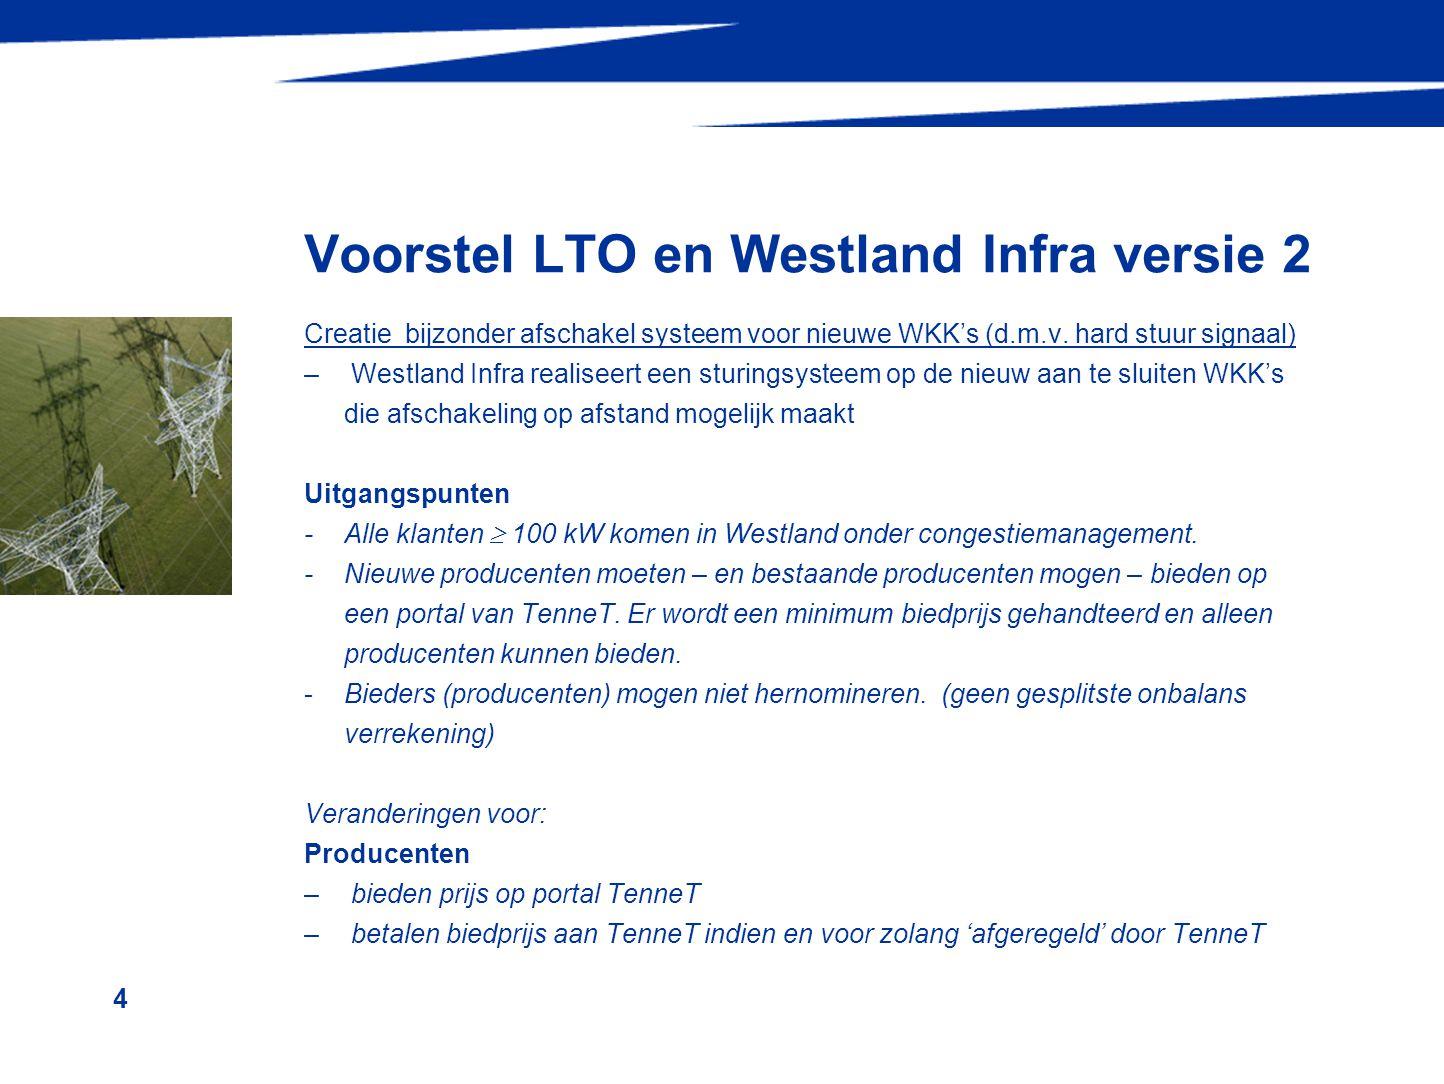 4 Voorstel LTO en Westland Infra versie 2 Creatie bijzonder afschakel systeem voor nieuwe WKK's (d.m.v. hard stuur signaal) – Westland Infra realiseer